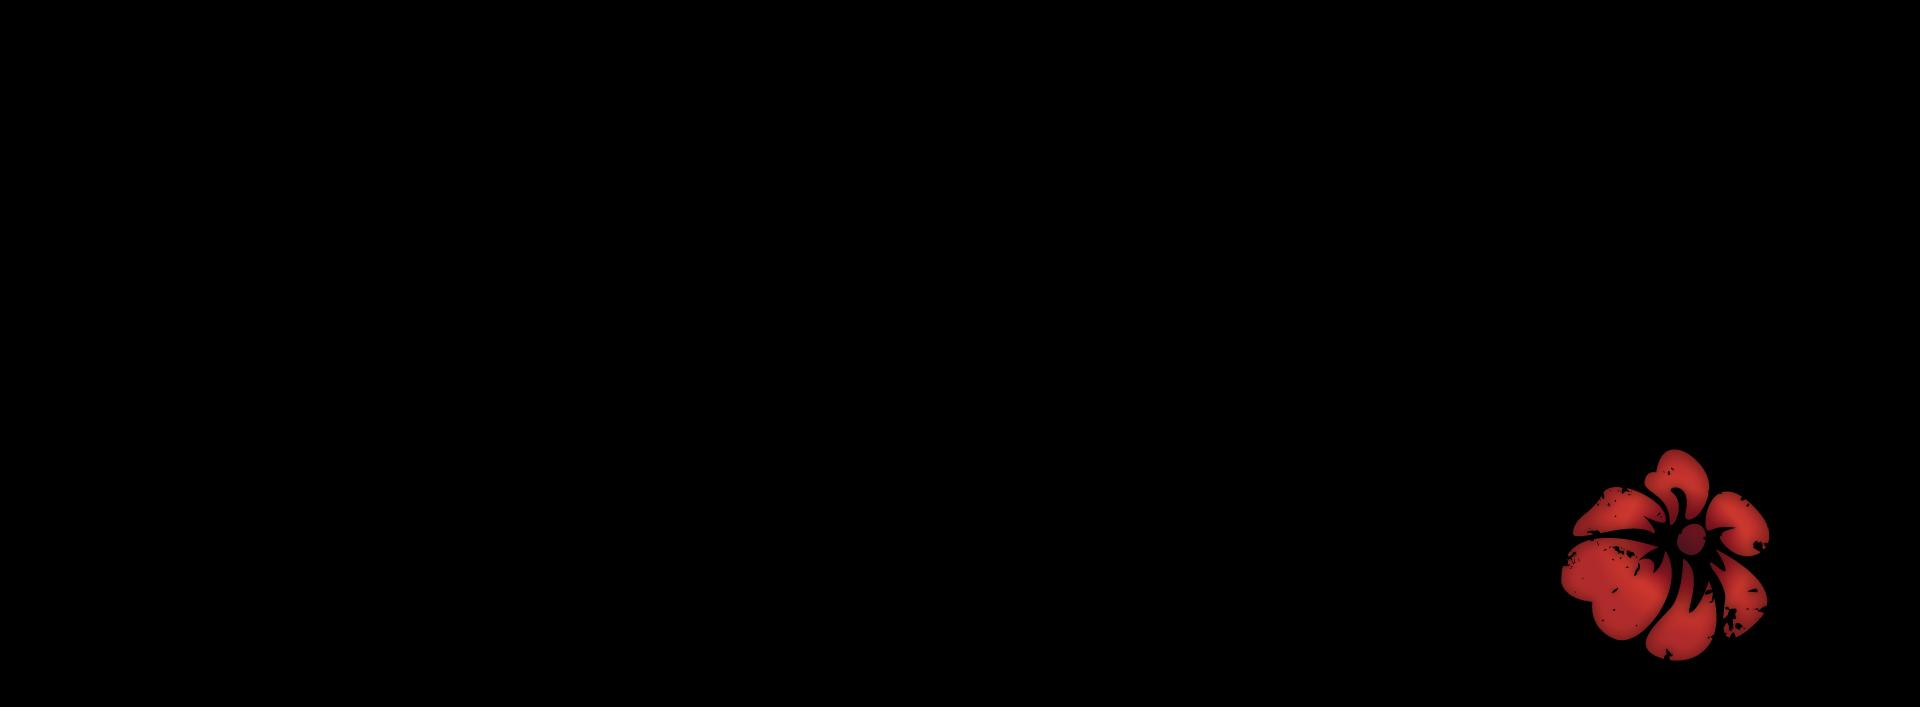 Khiana Identity - Black